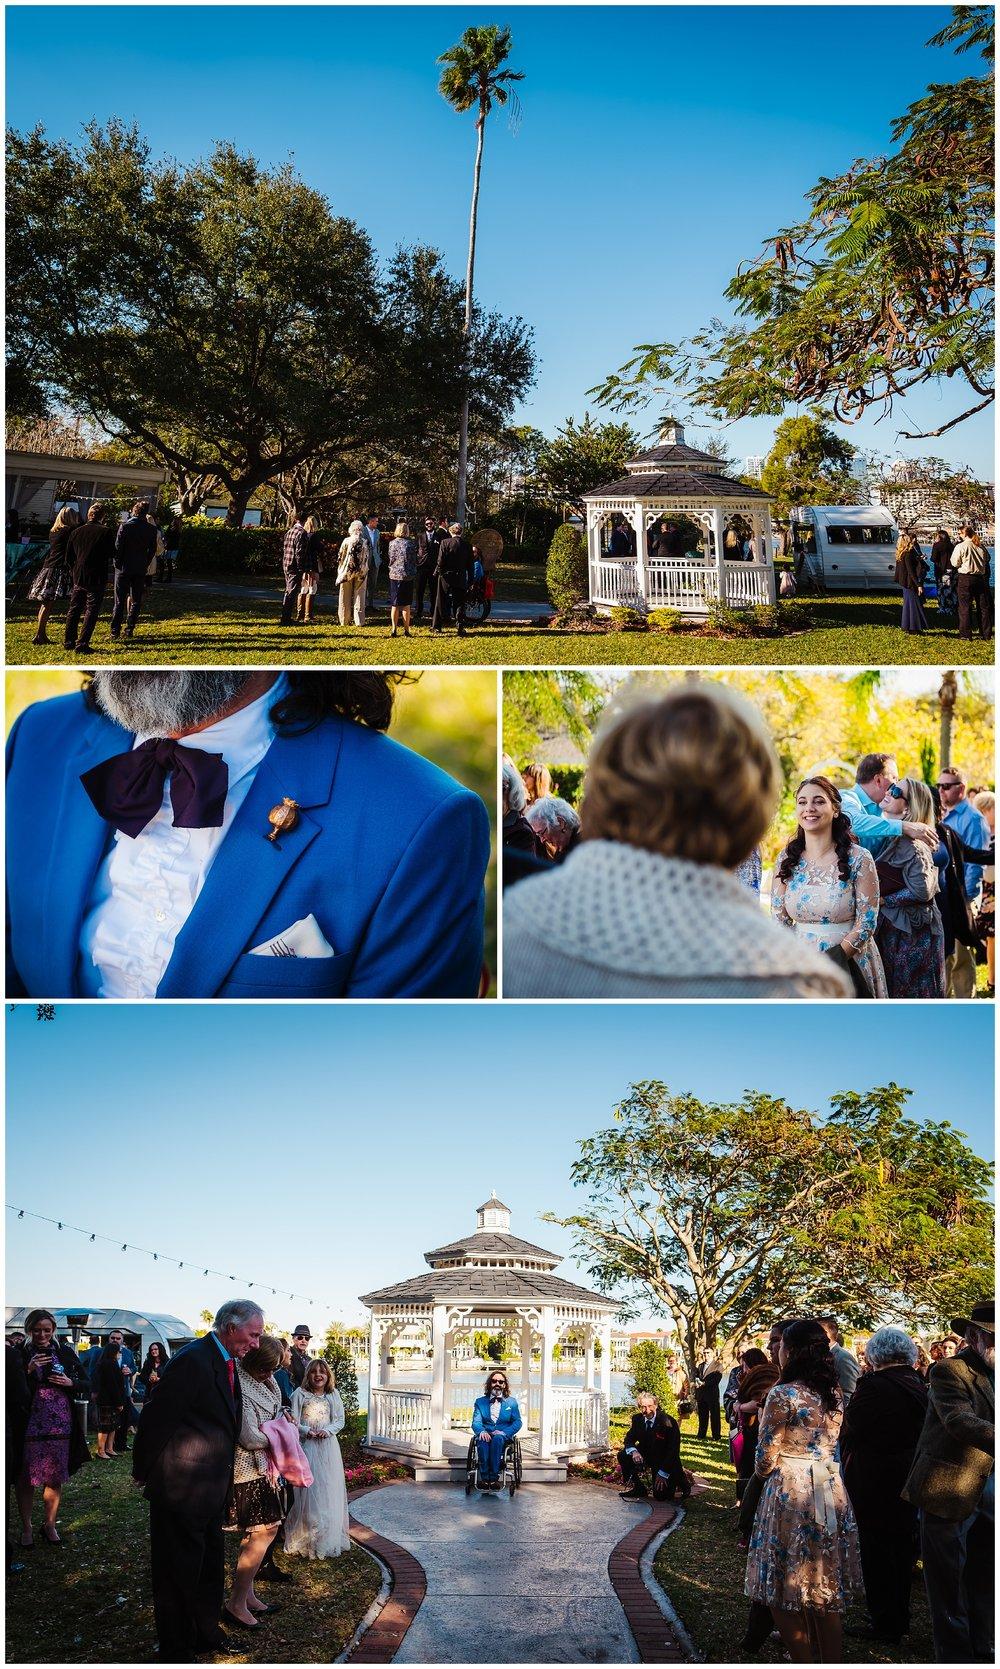 tampa-wedding-photographer-davis-island-flamingo-garden-alexander-mcqueen-non-traditional_0033.jpg